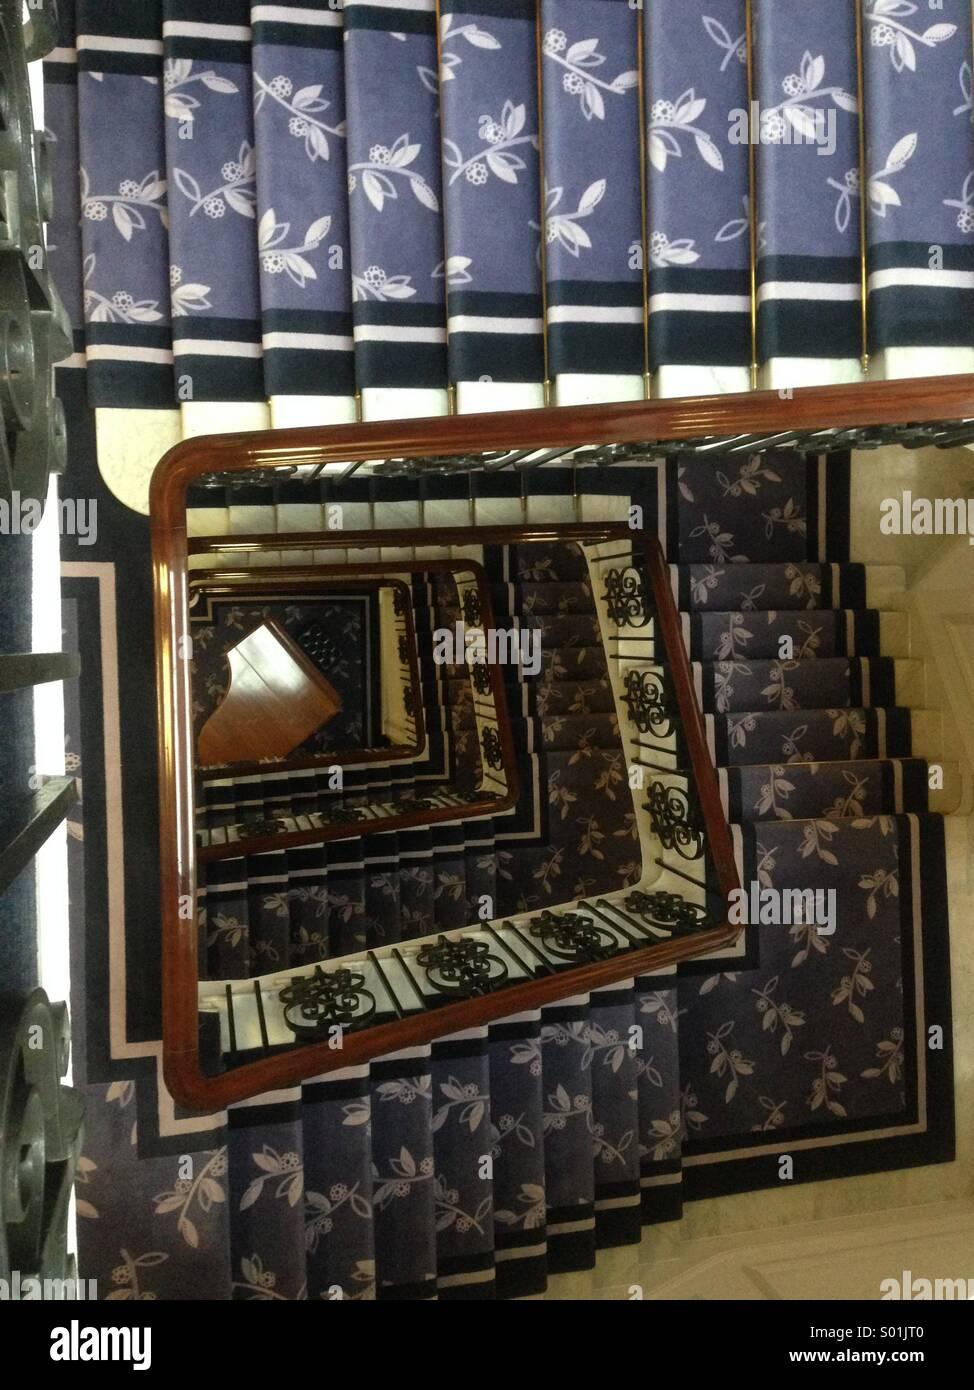 Dans les escaliers Photo Stock